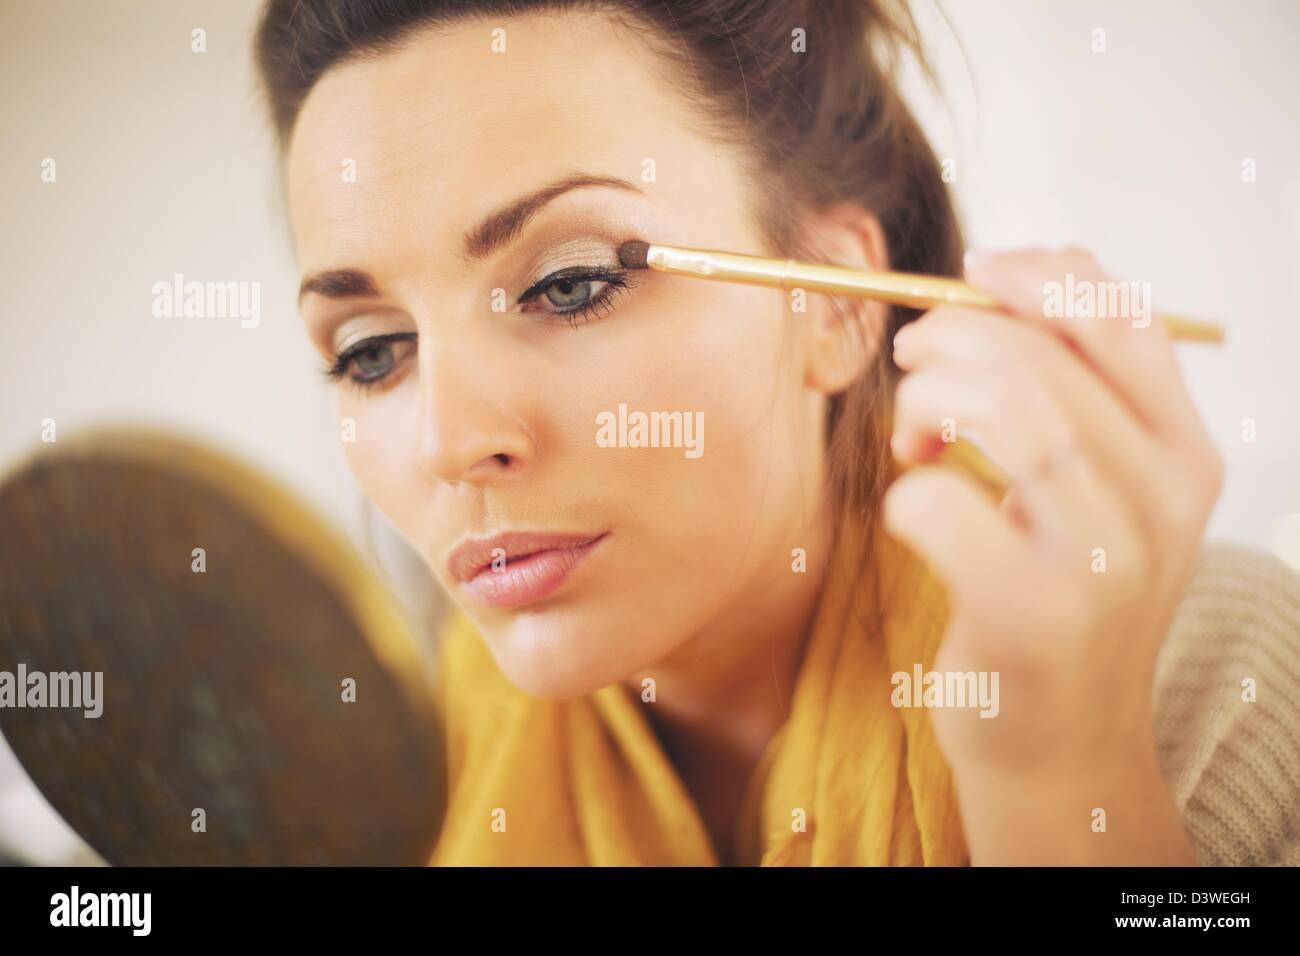 Jolie femme appliquant le maquillage tout en regardant le miroir Photo Stock